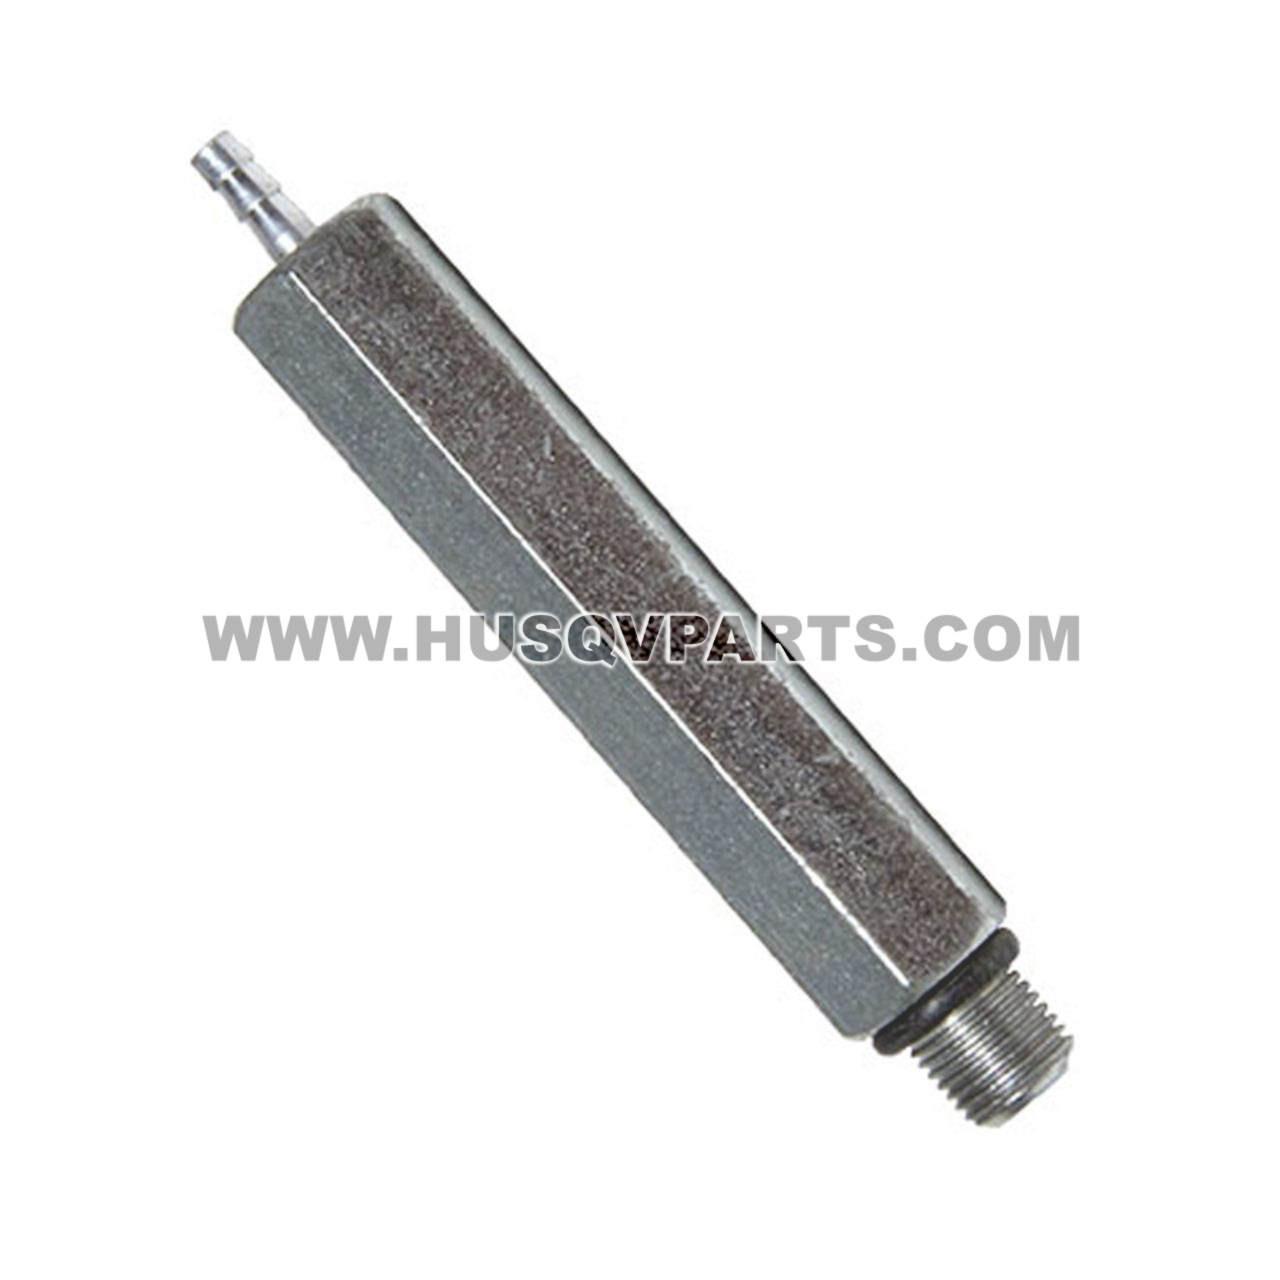 HUSQVARNA Pressure Tester 576384801 Image 1